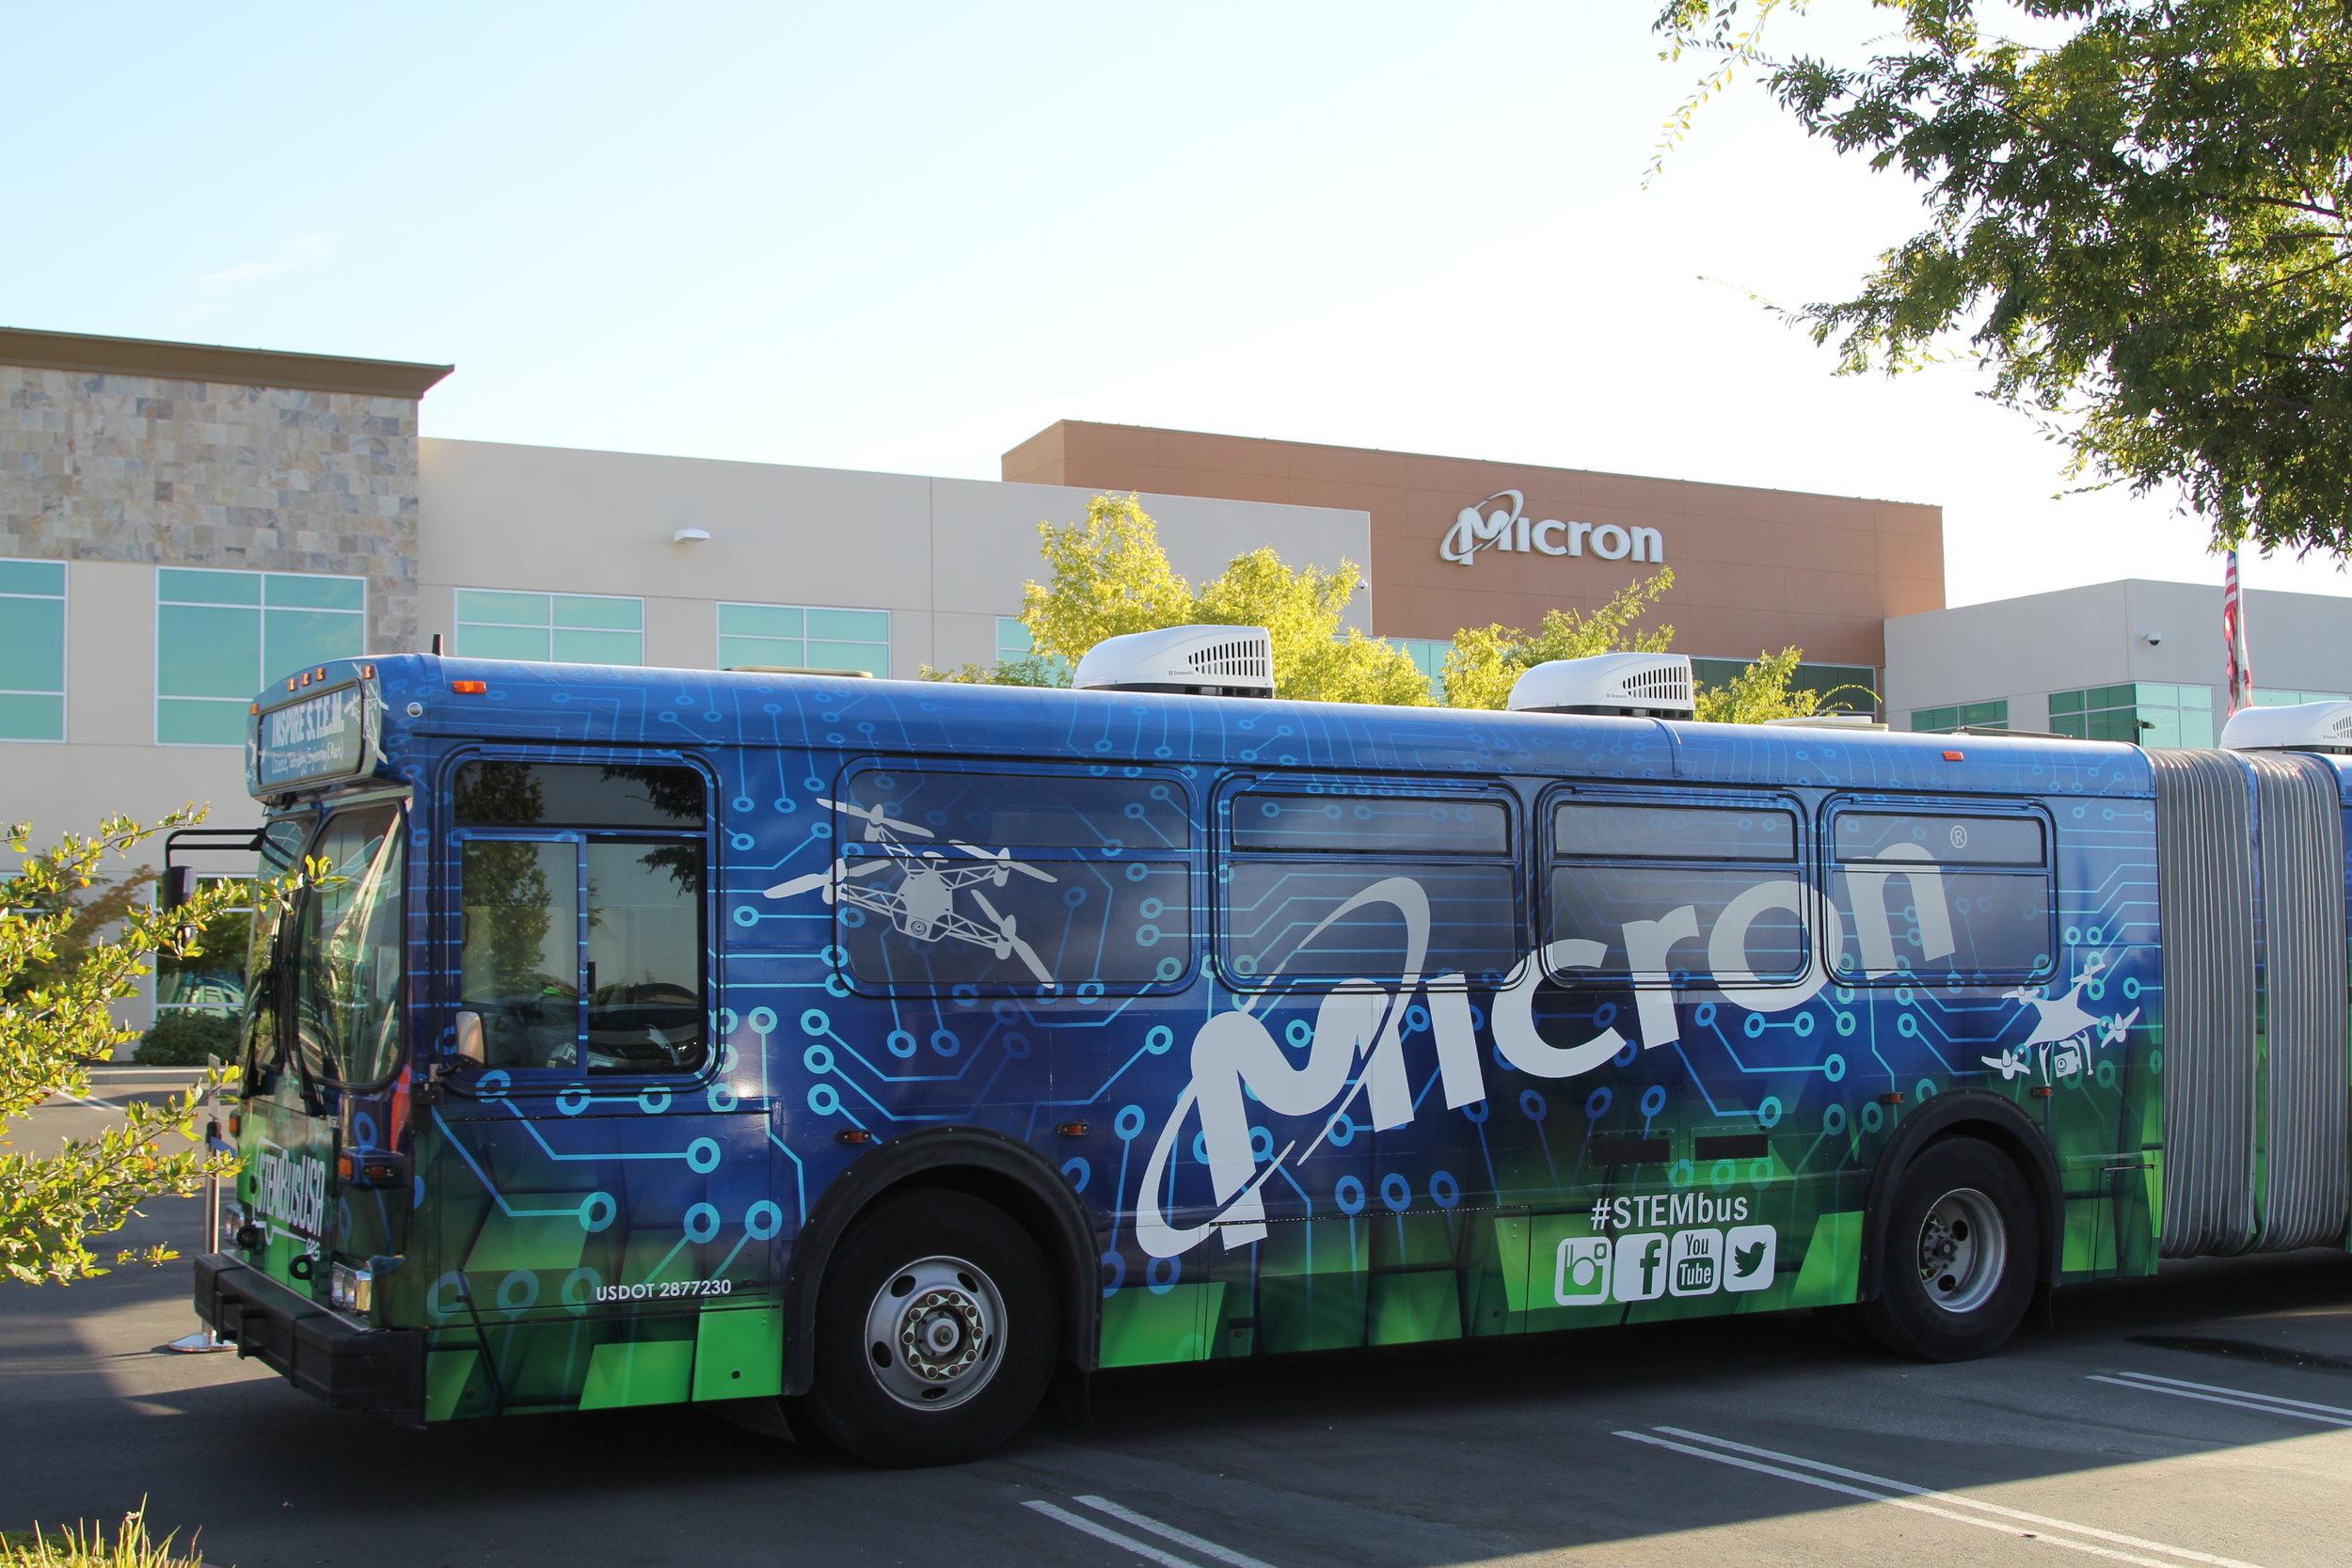 Micron STEM Bus West Coast Tour